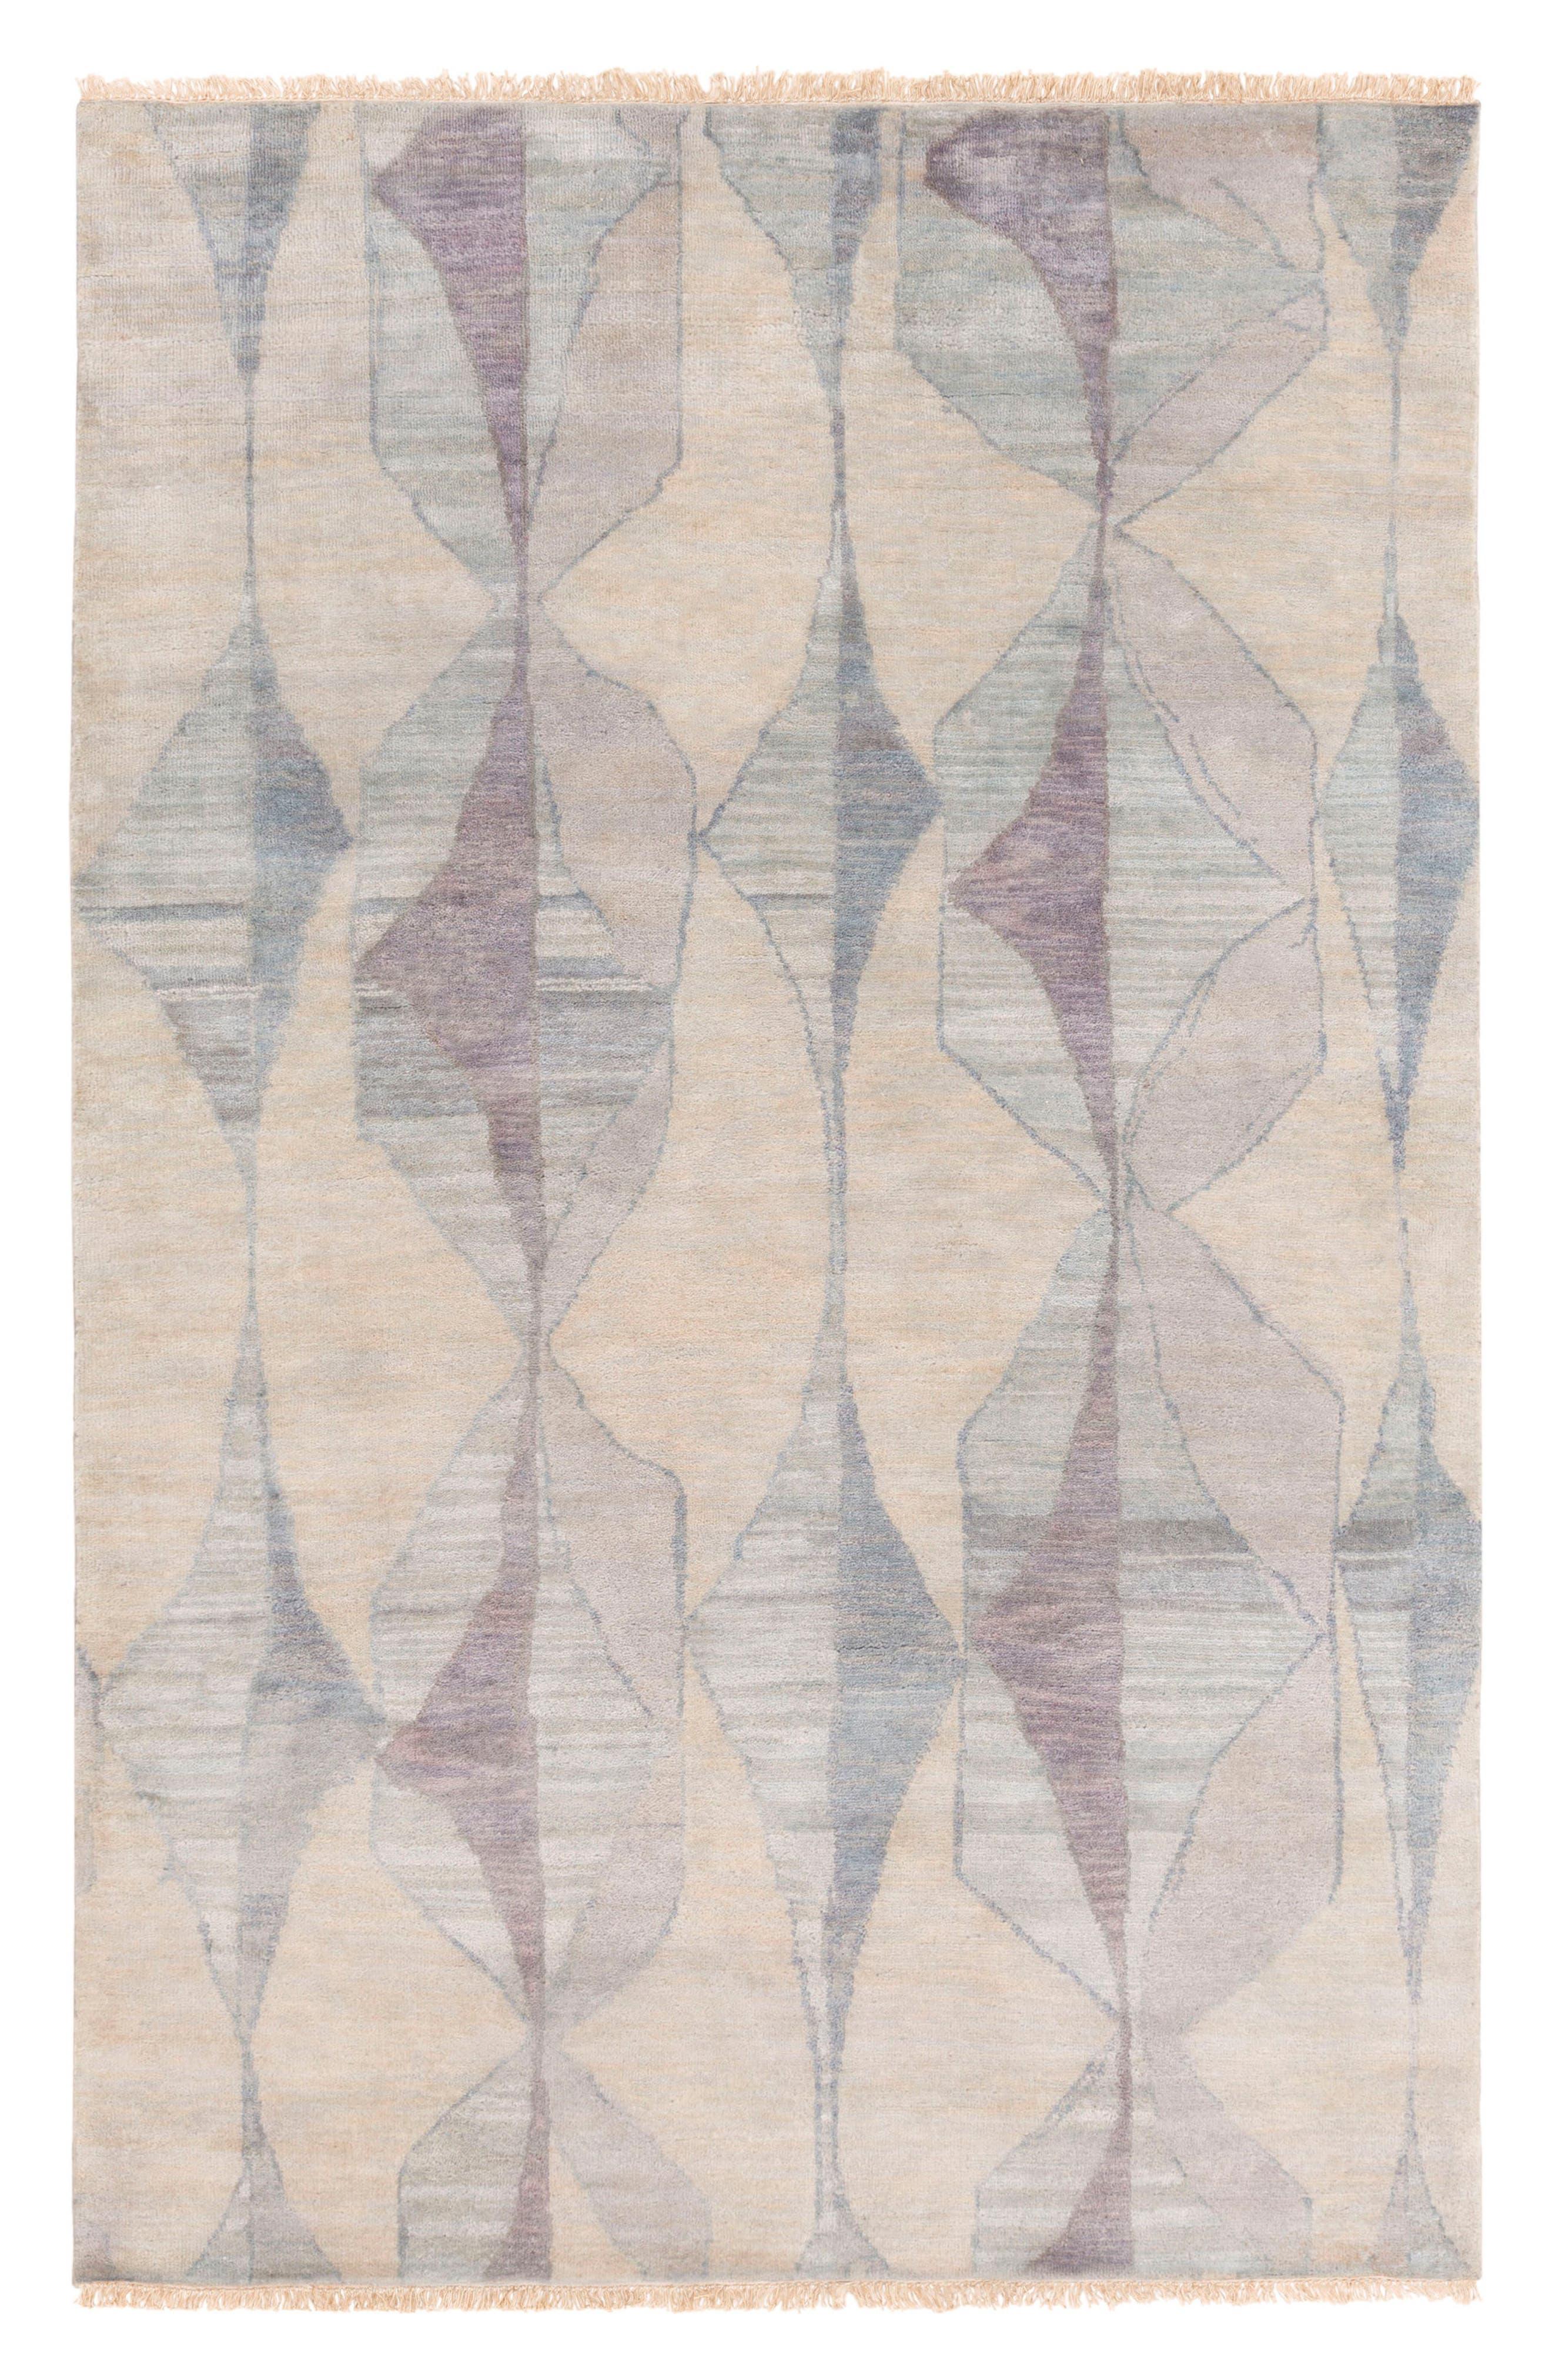 Abstract Gathers Wool Rug,                             Main thumbnail 1, color,                             250